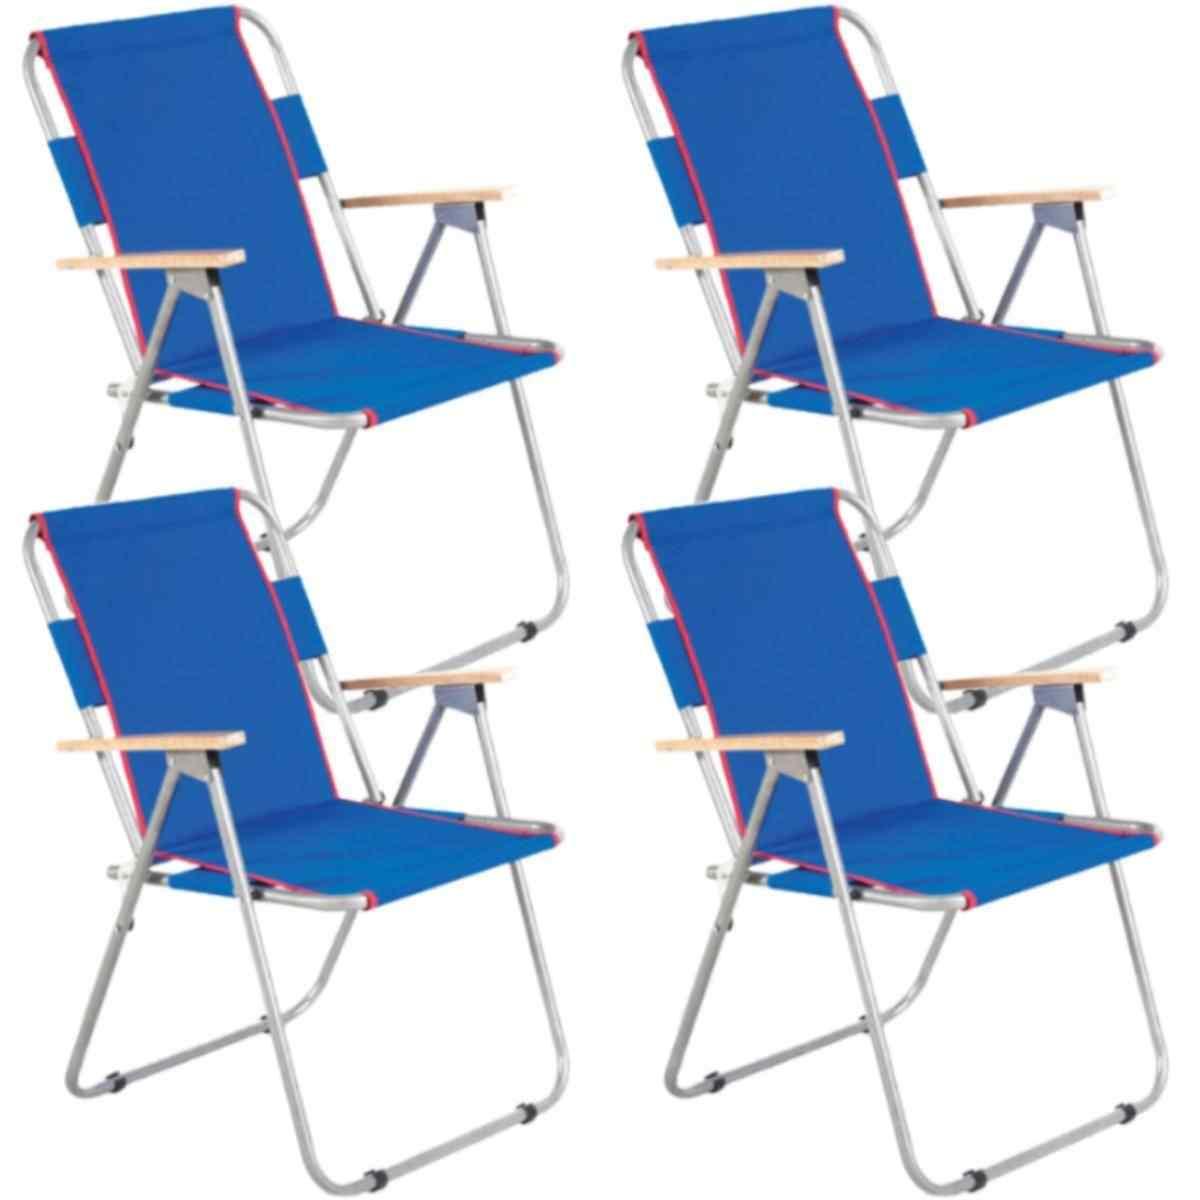 İbiza Ahşap Kollu Sandalye Katlanabilir Piknik Sandalyesi Mavi 4 Adet